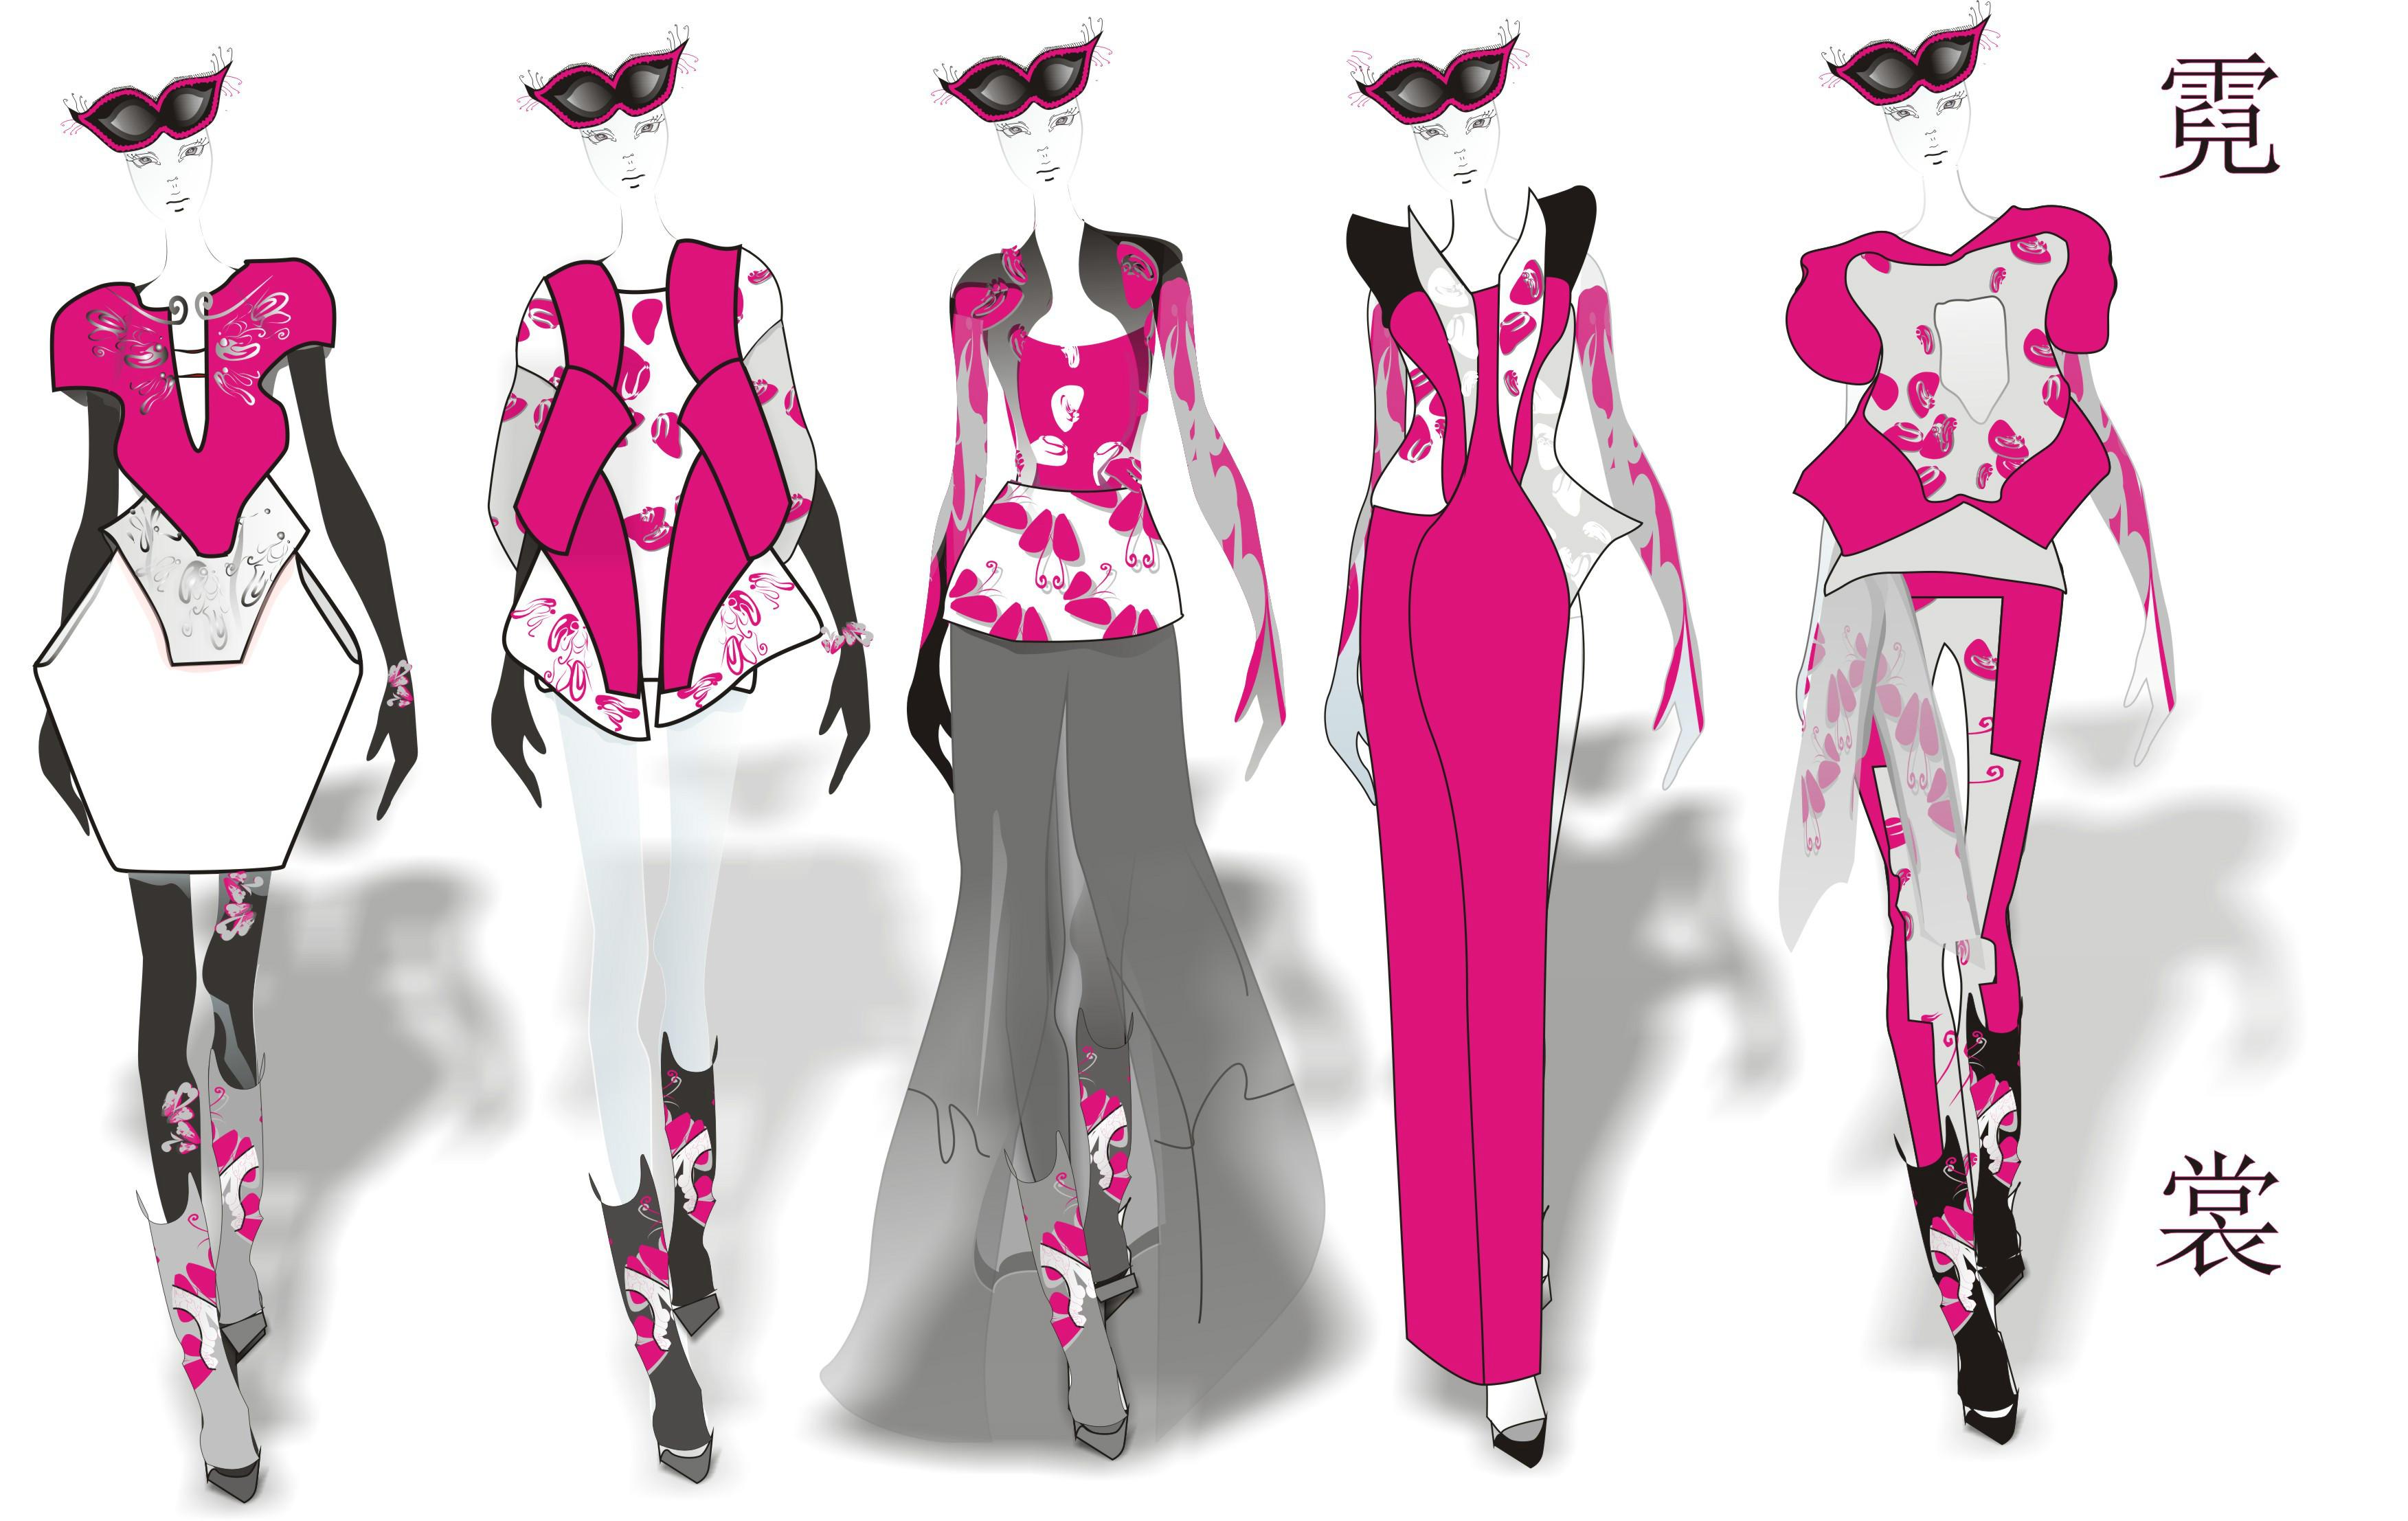 服裝設計與工藝教育 河南科技